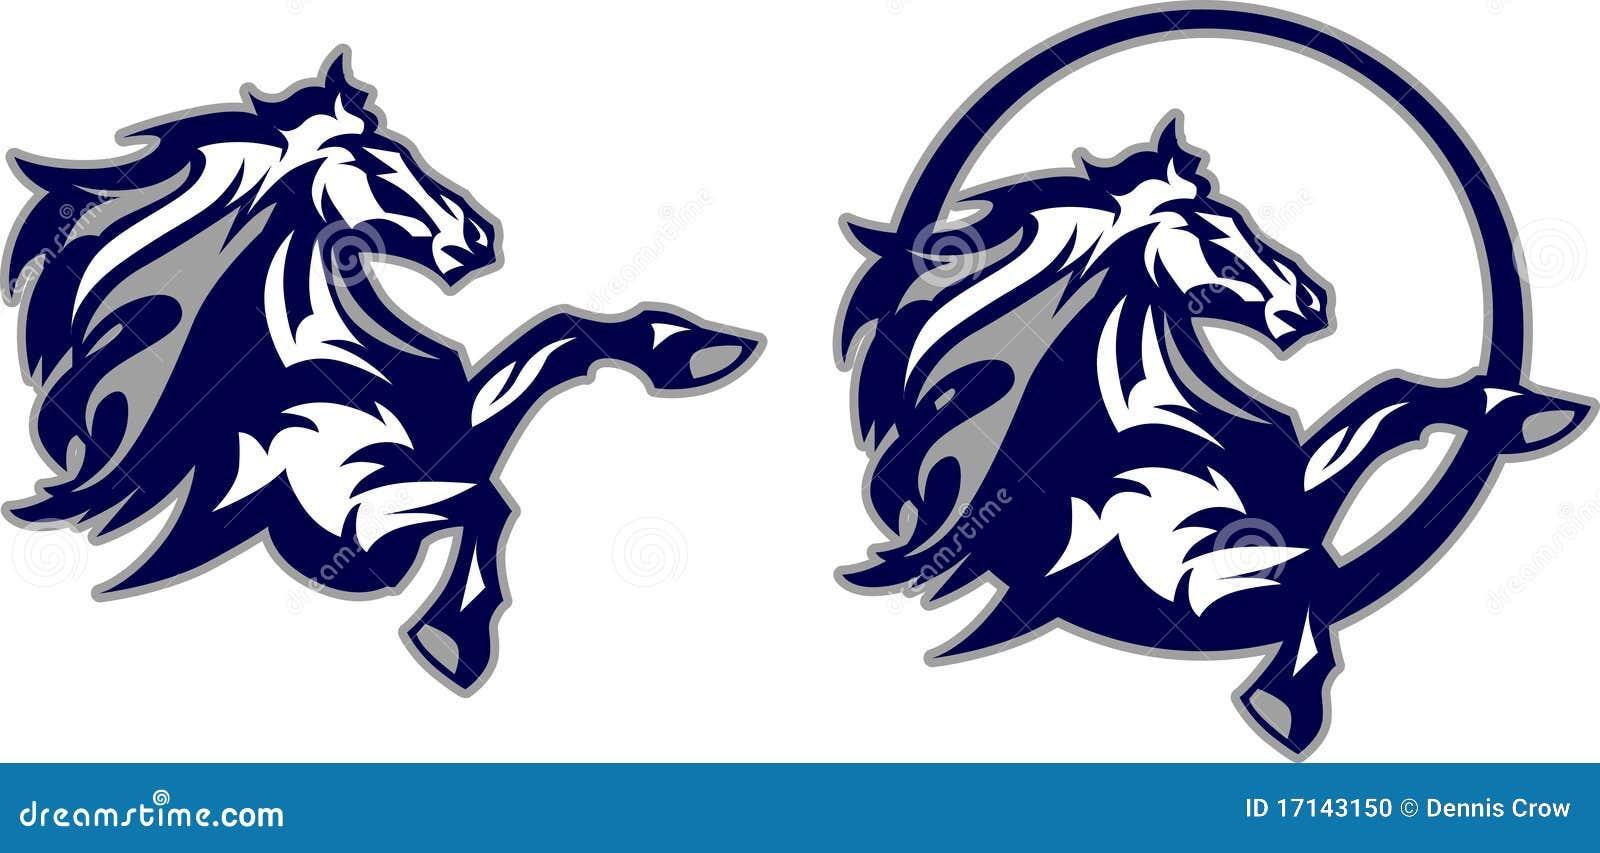 horse   mustang   bronco mascot logo stock vector mustang horse clipart gif mustang horse clip art image